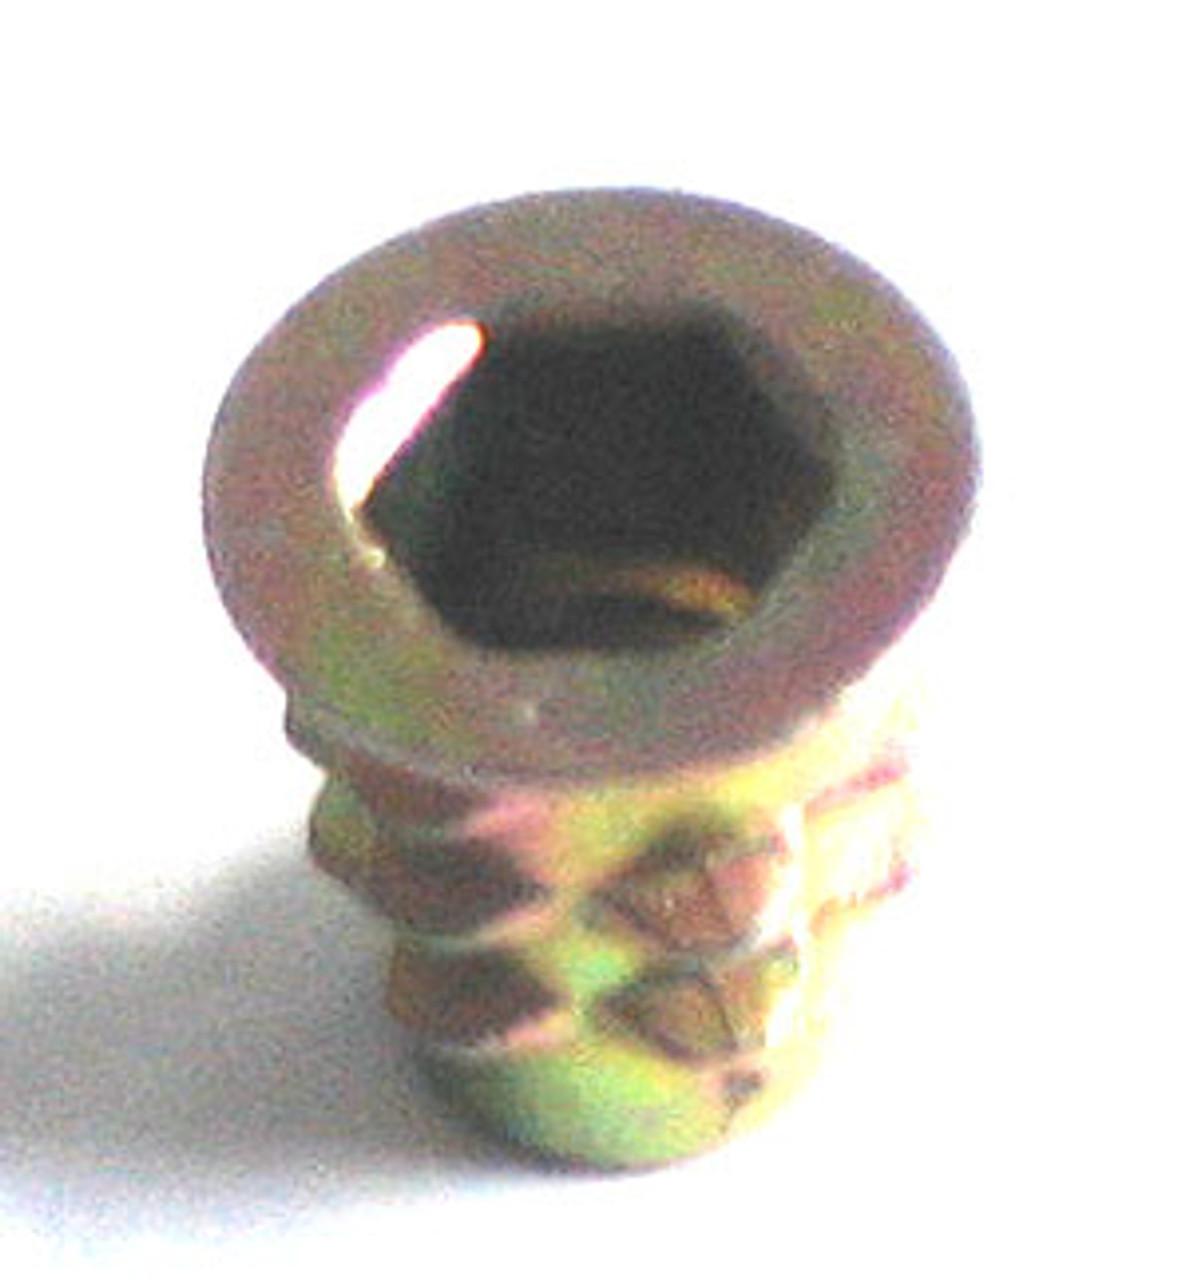 1/4-20 x 20mm Length  Flanged DIE CAST ZINC ALLOY HEXDRIVE THREAD INSERT